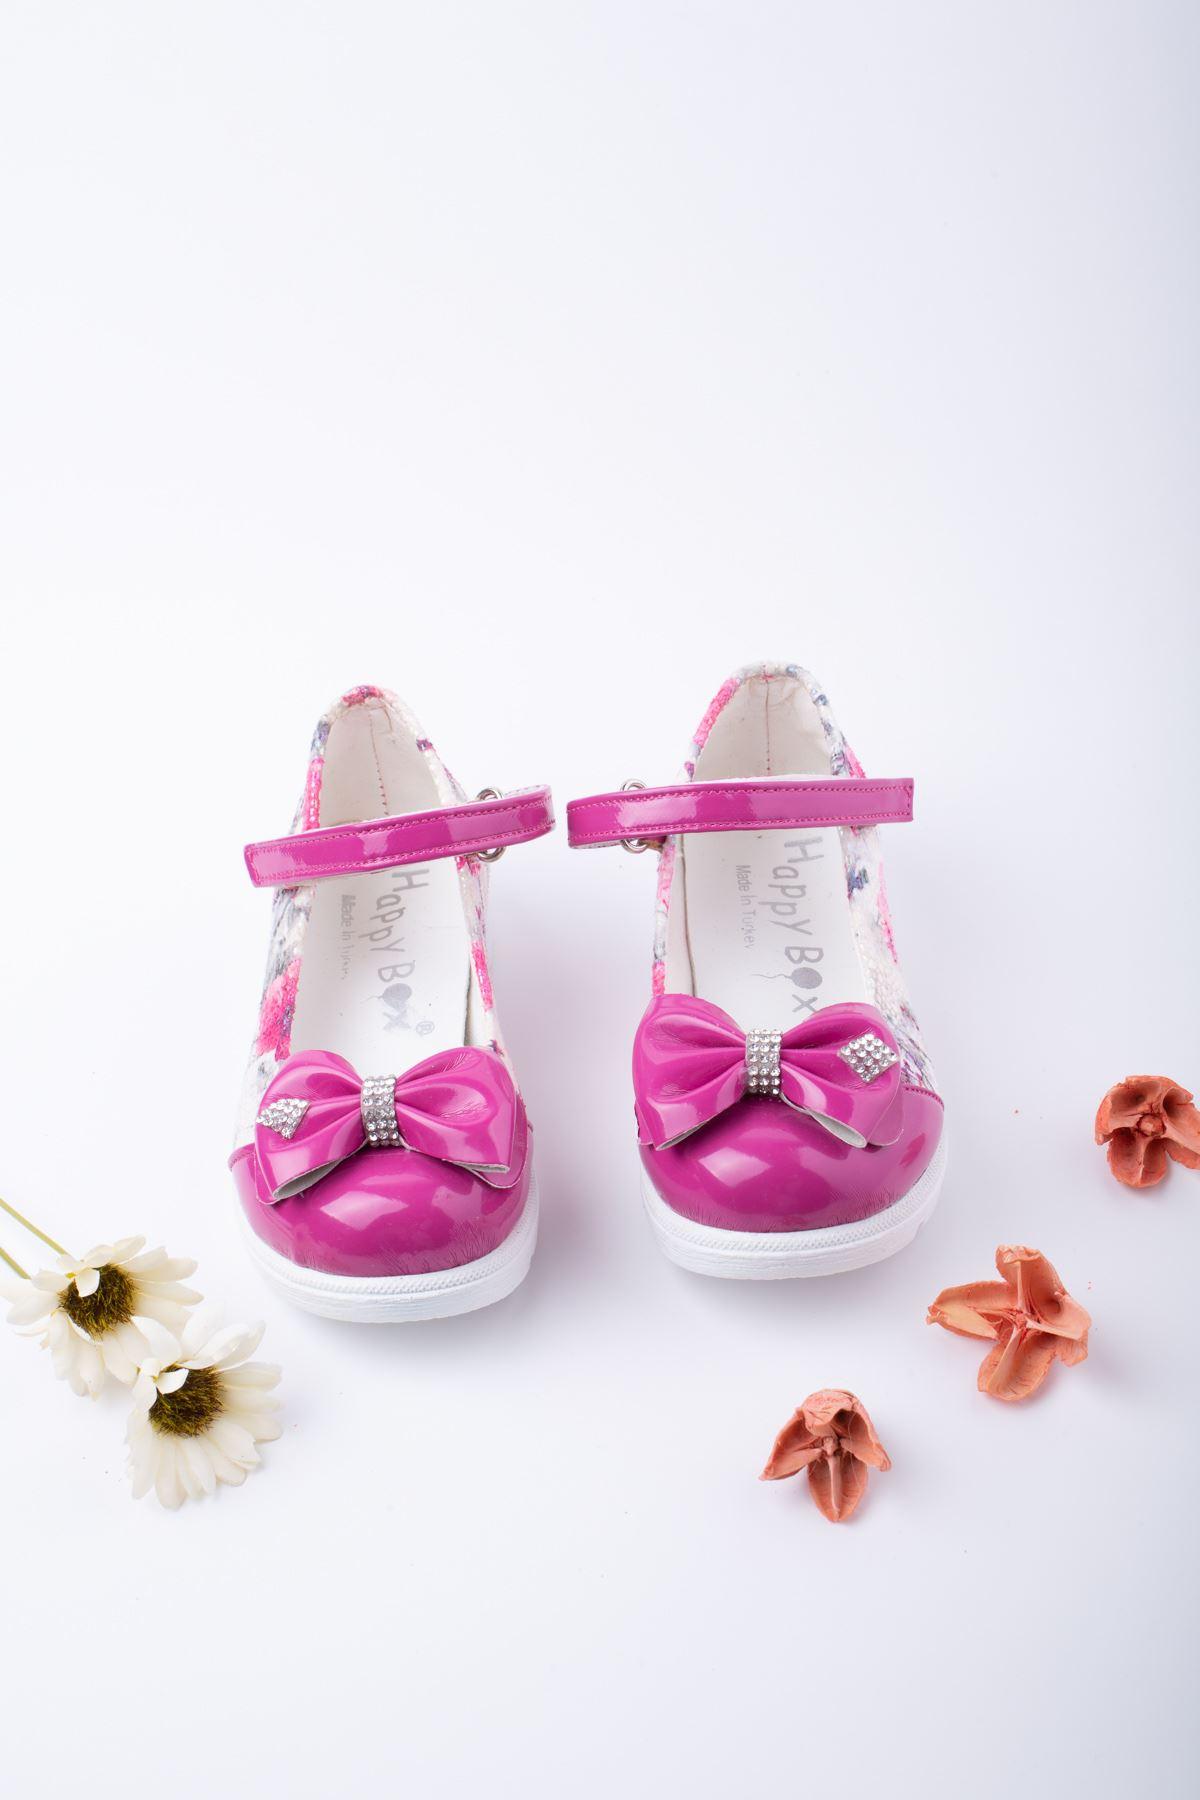 Poli Taban Çiçekli Bebe Ayakkabı